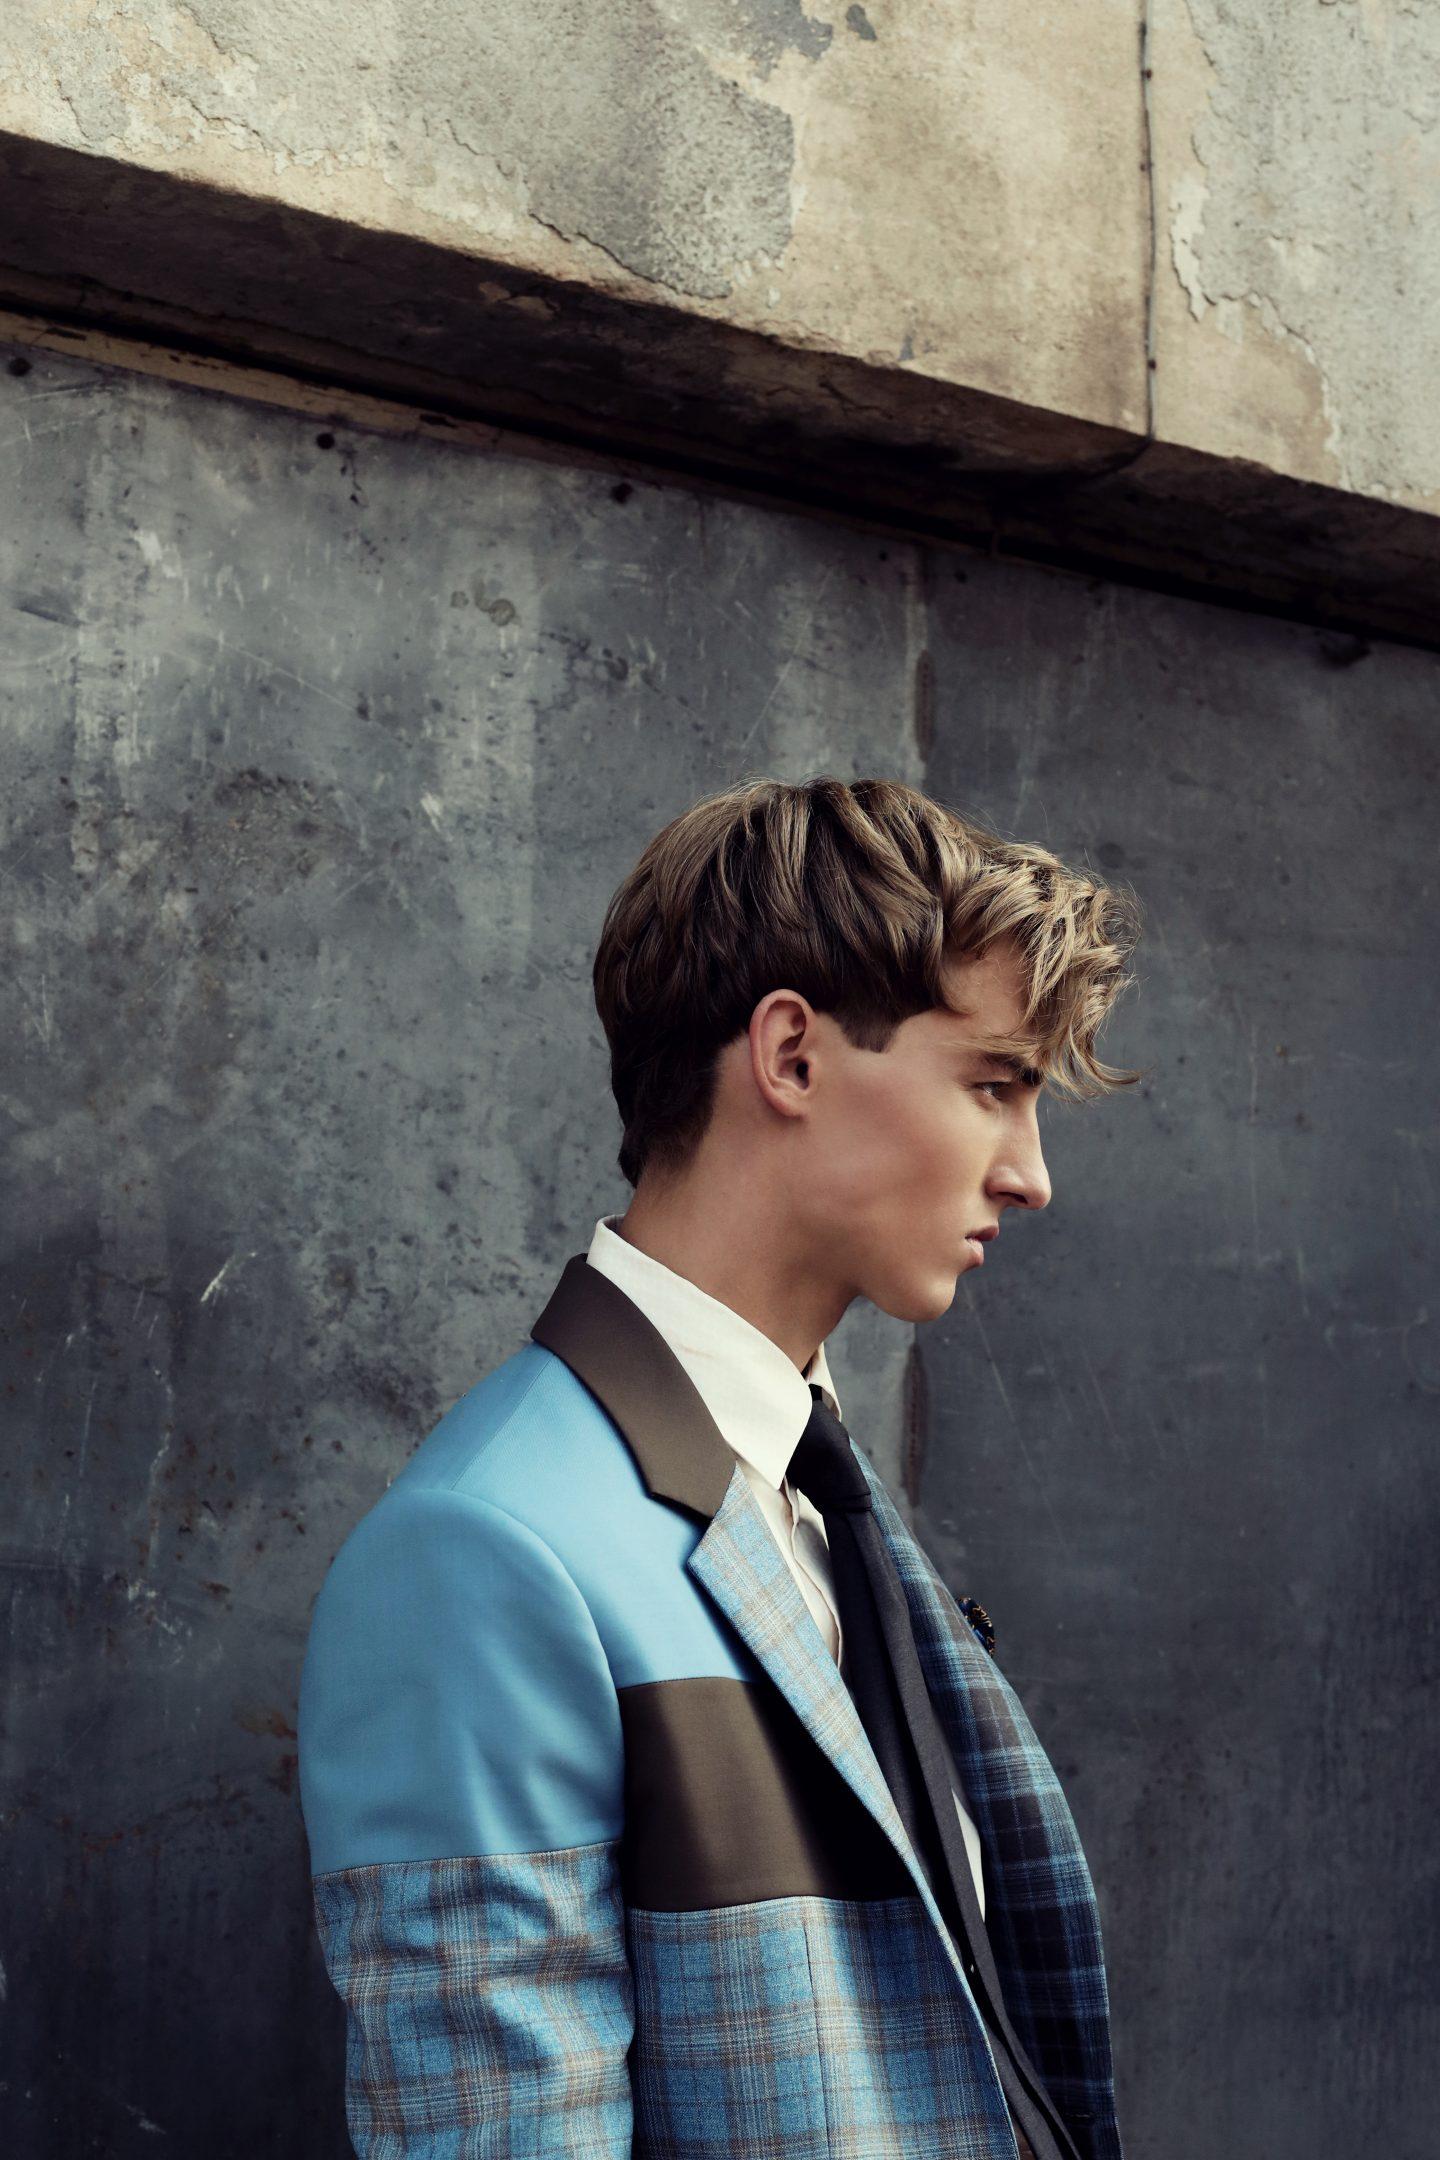 mėlyna ruda - tvarus švarkas - dizaineris lekeckas